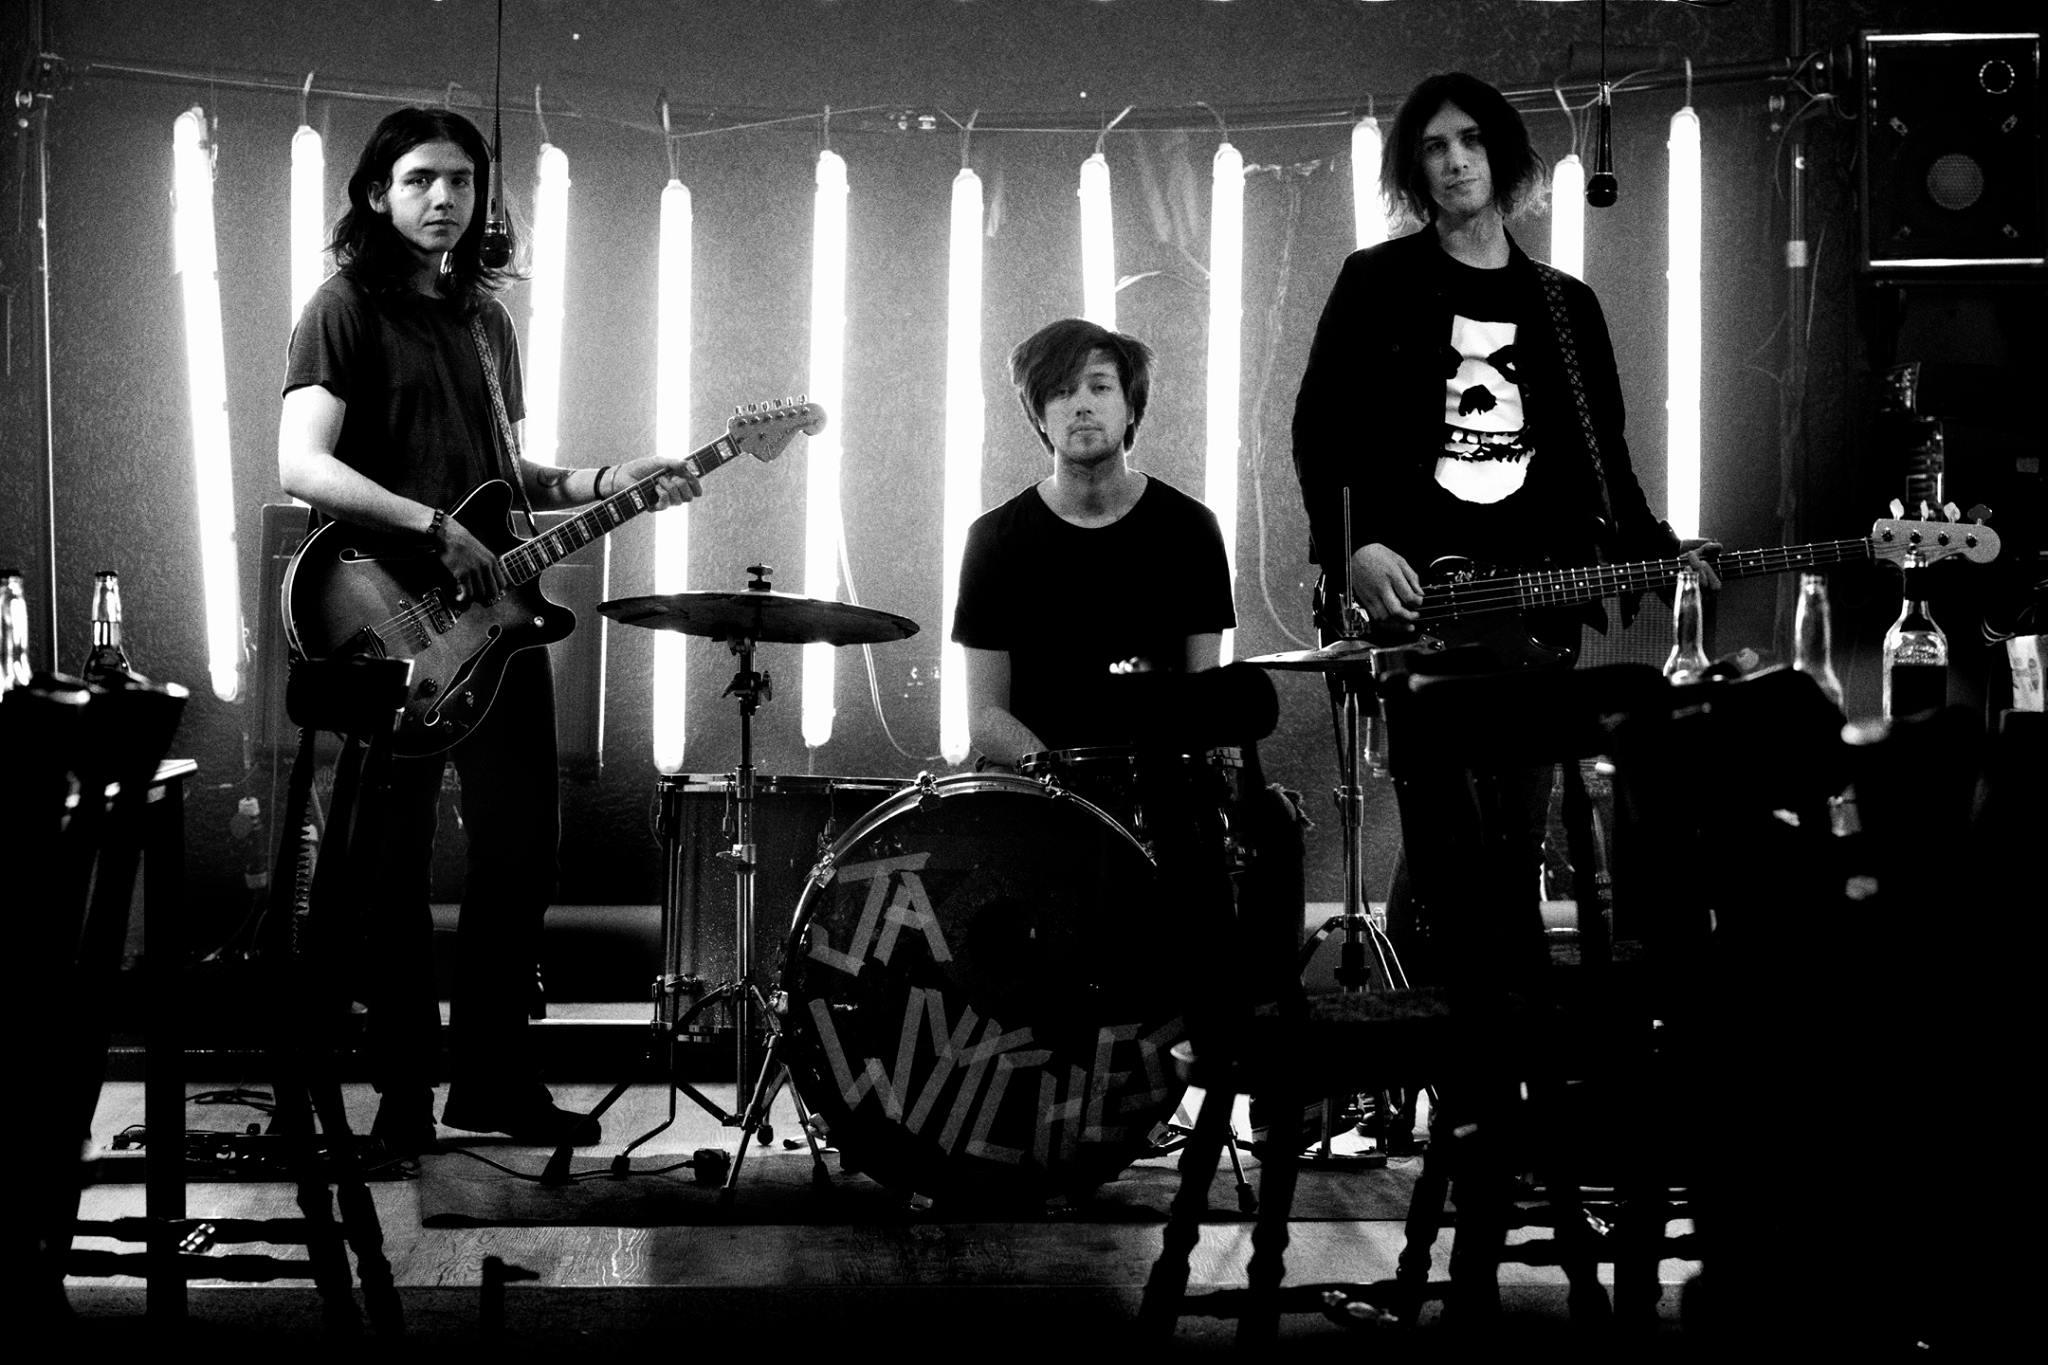 The Wytches presentan Darker, cara B de su nuevo single